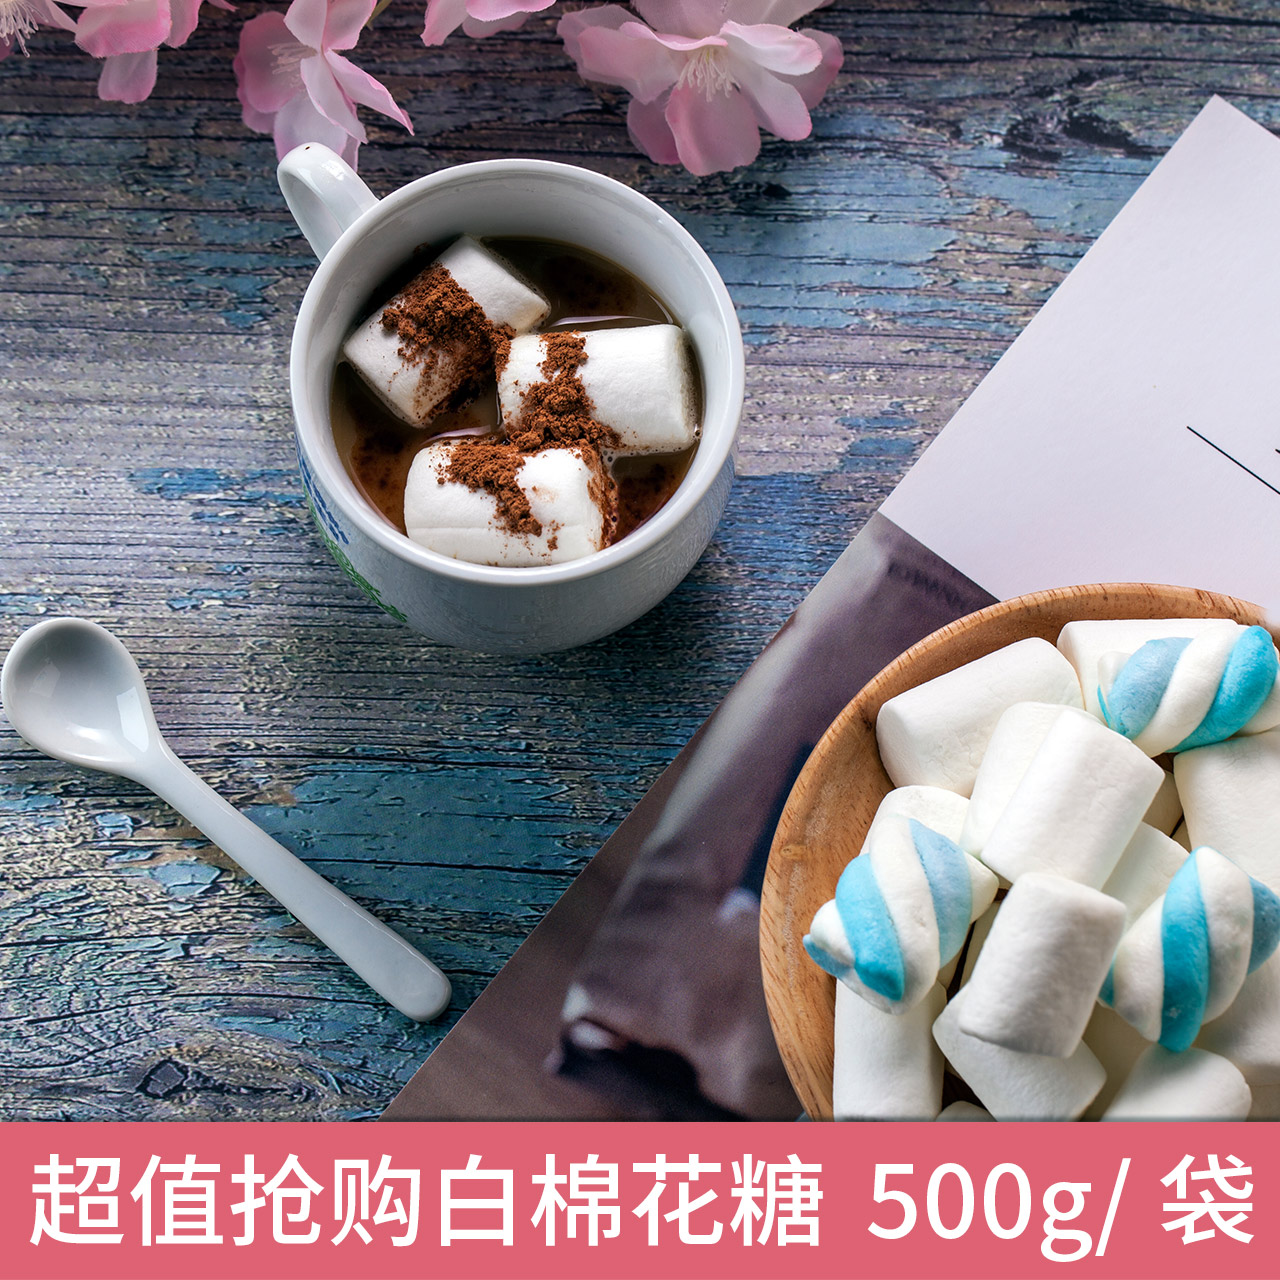 趣美滋原味软糖牛轧糖办公室零食小吃白棉花糖糖果雪花酥美食500g